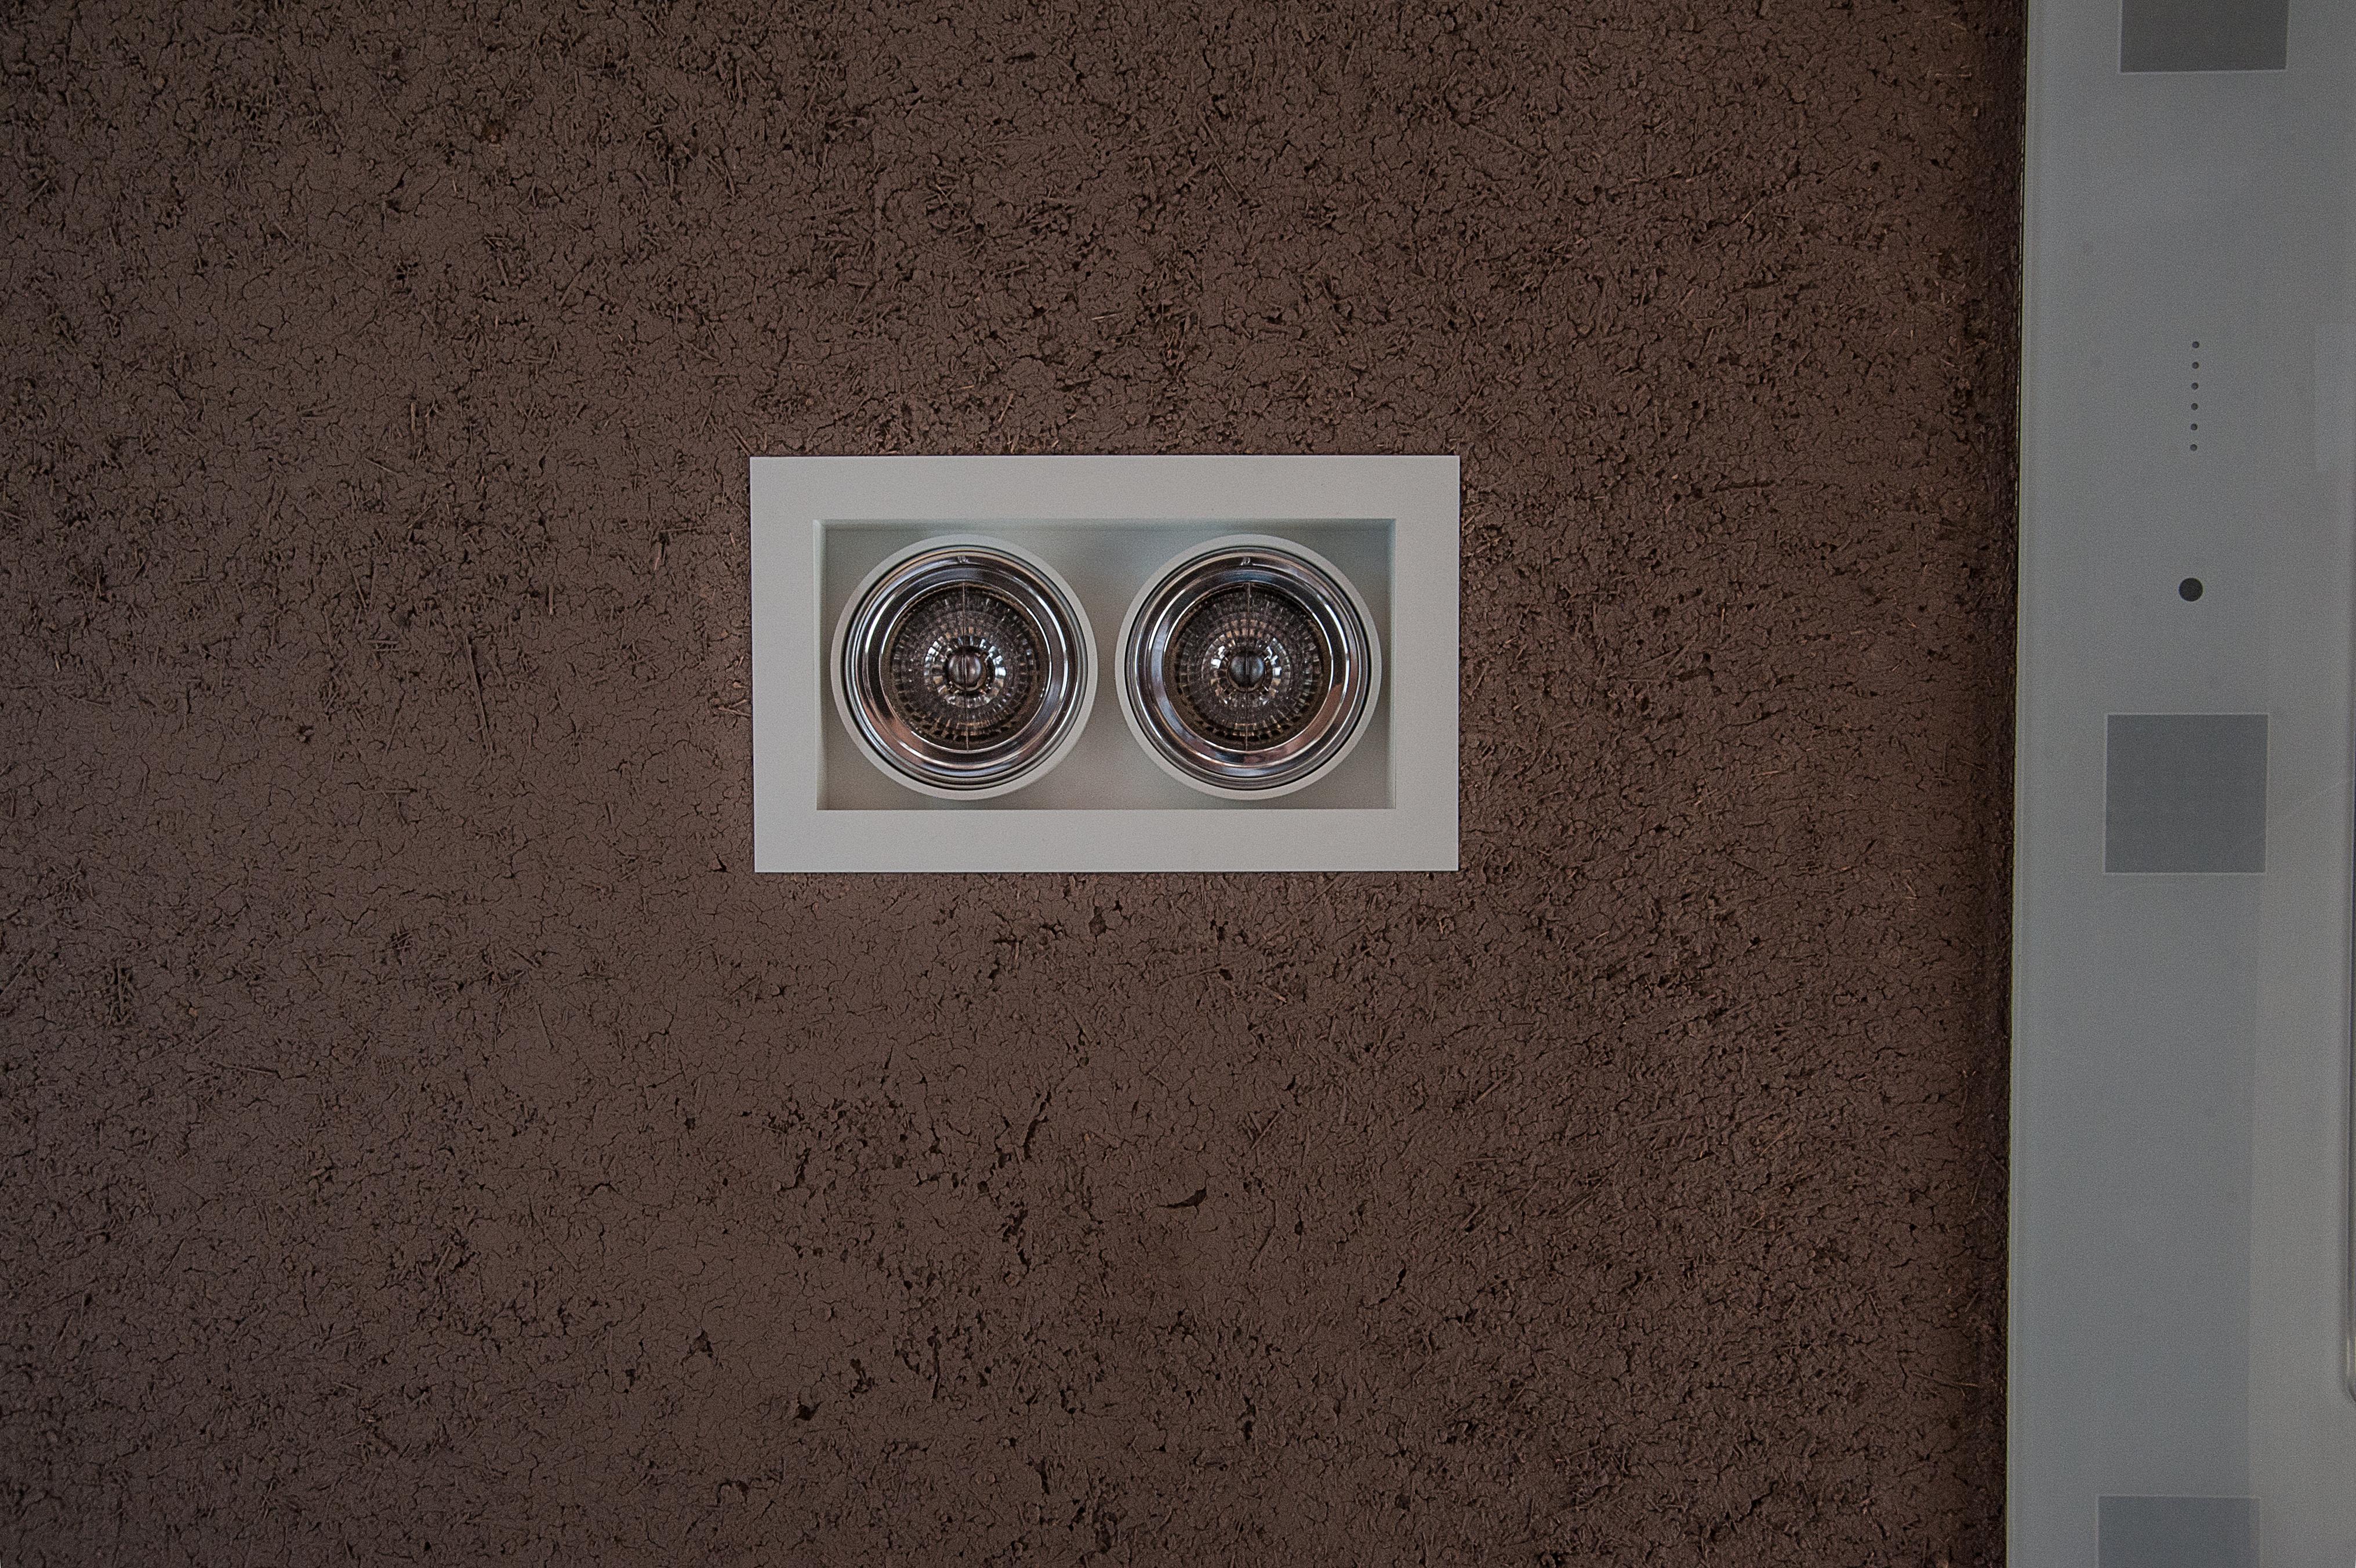 abgesagt tadelakt workshop 3 tag 1520467405s webseite. Black Bedroom Furniture Sets. Home Design Ideas